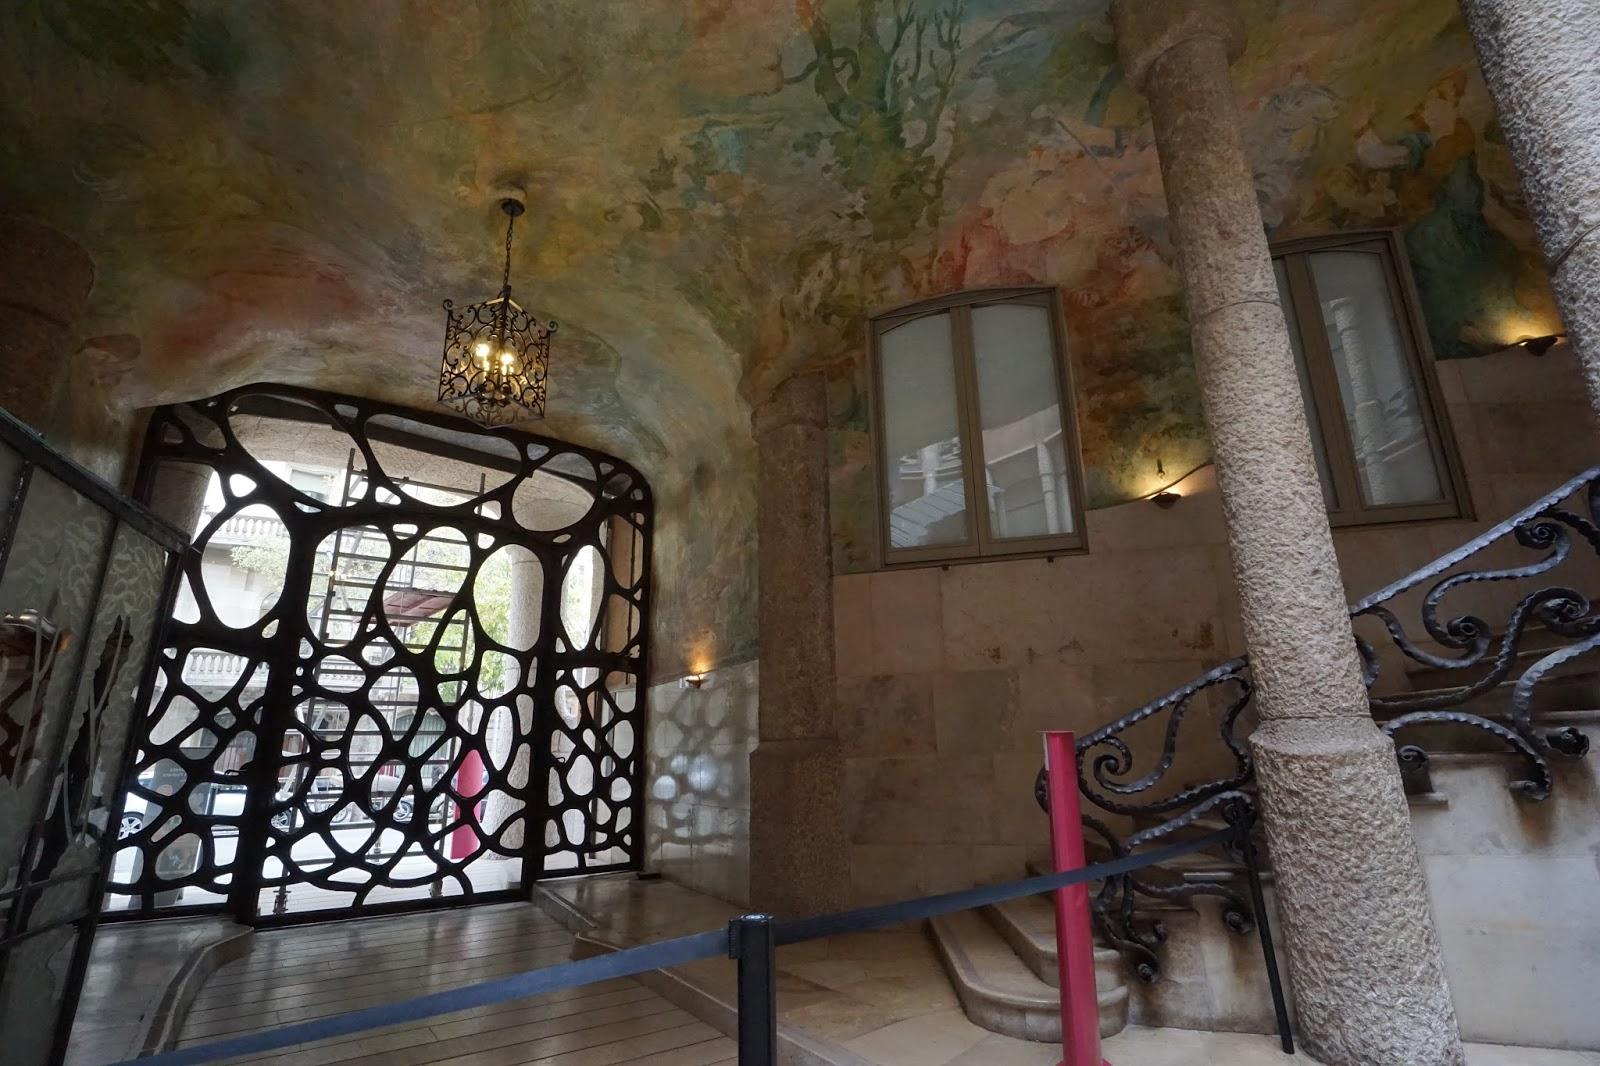 カサ・ミラ(Casa Milà) 中庭から見た玄関側と階段部分